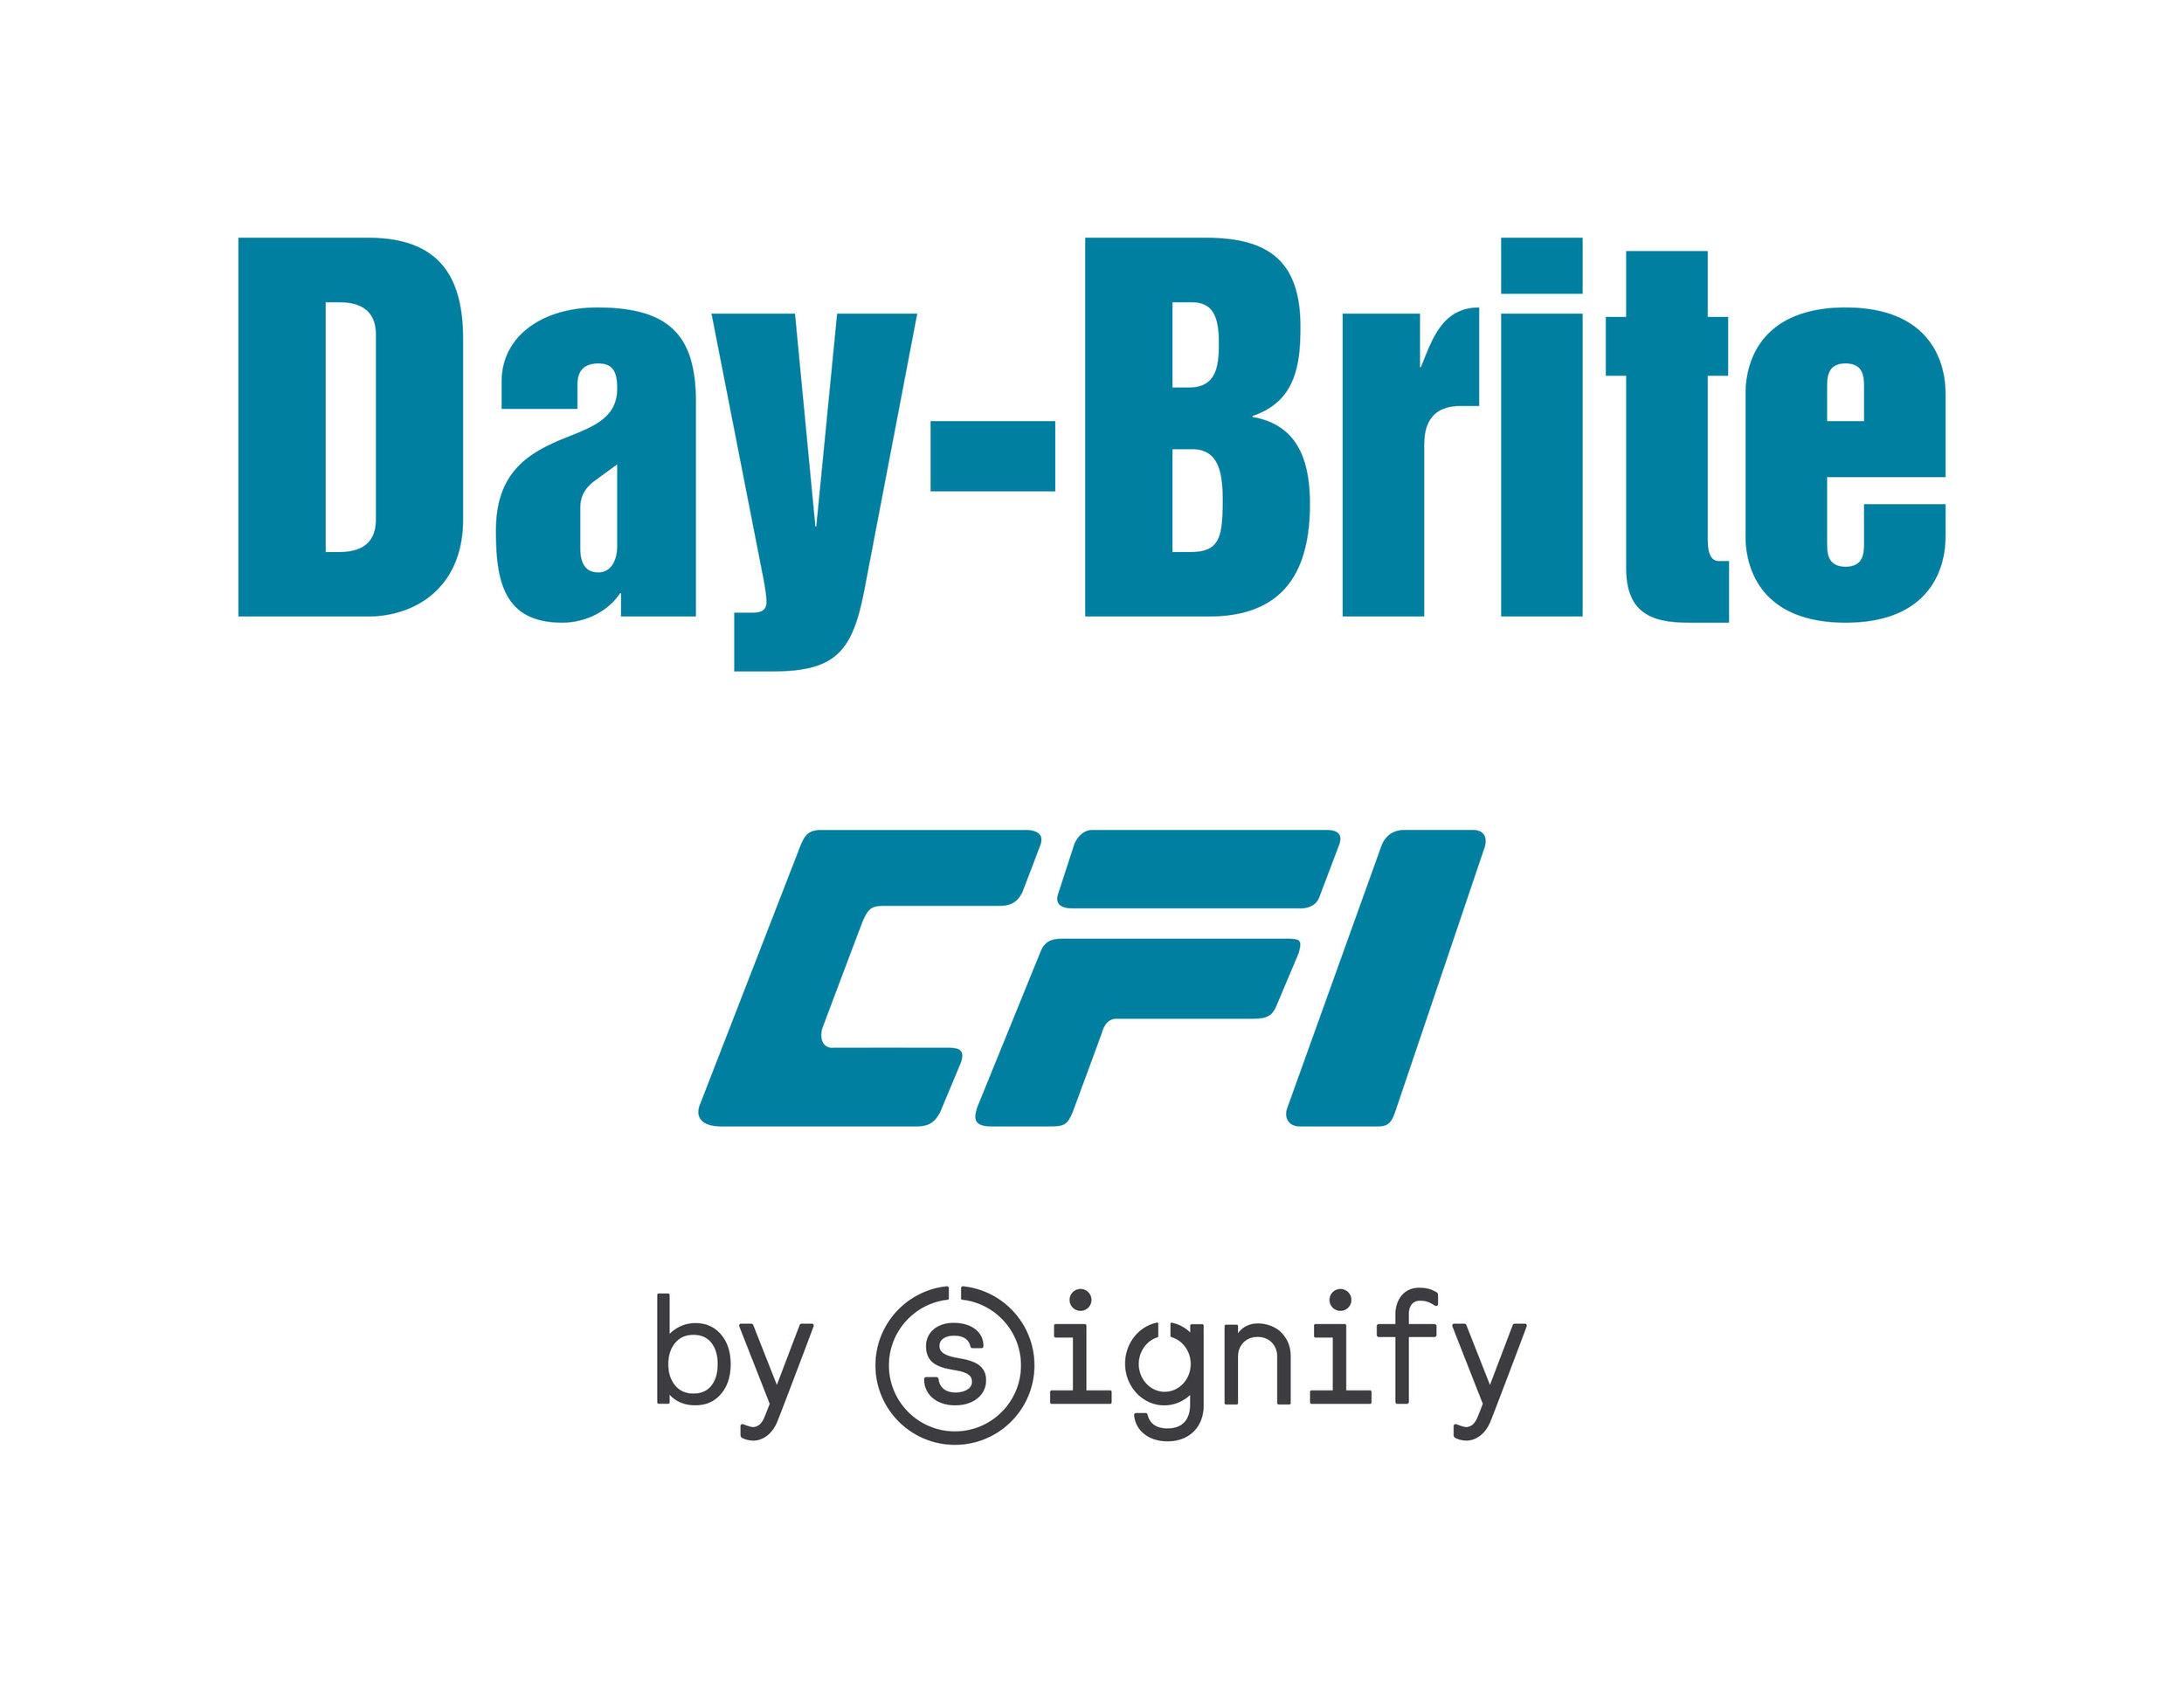 SIG_END_DAYBRITE_CFI_RGB.jpg